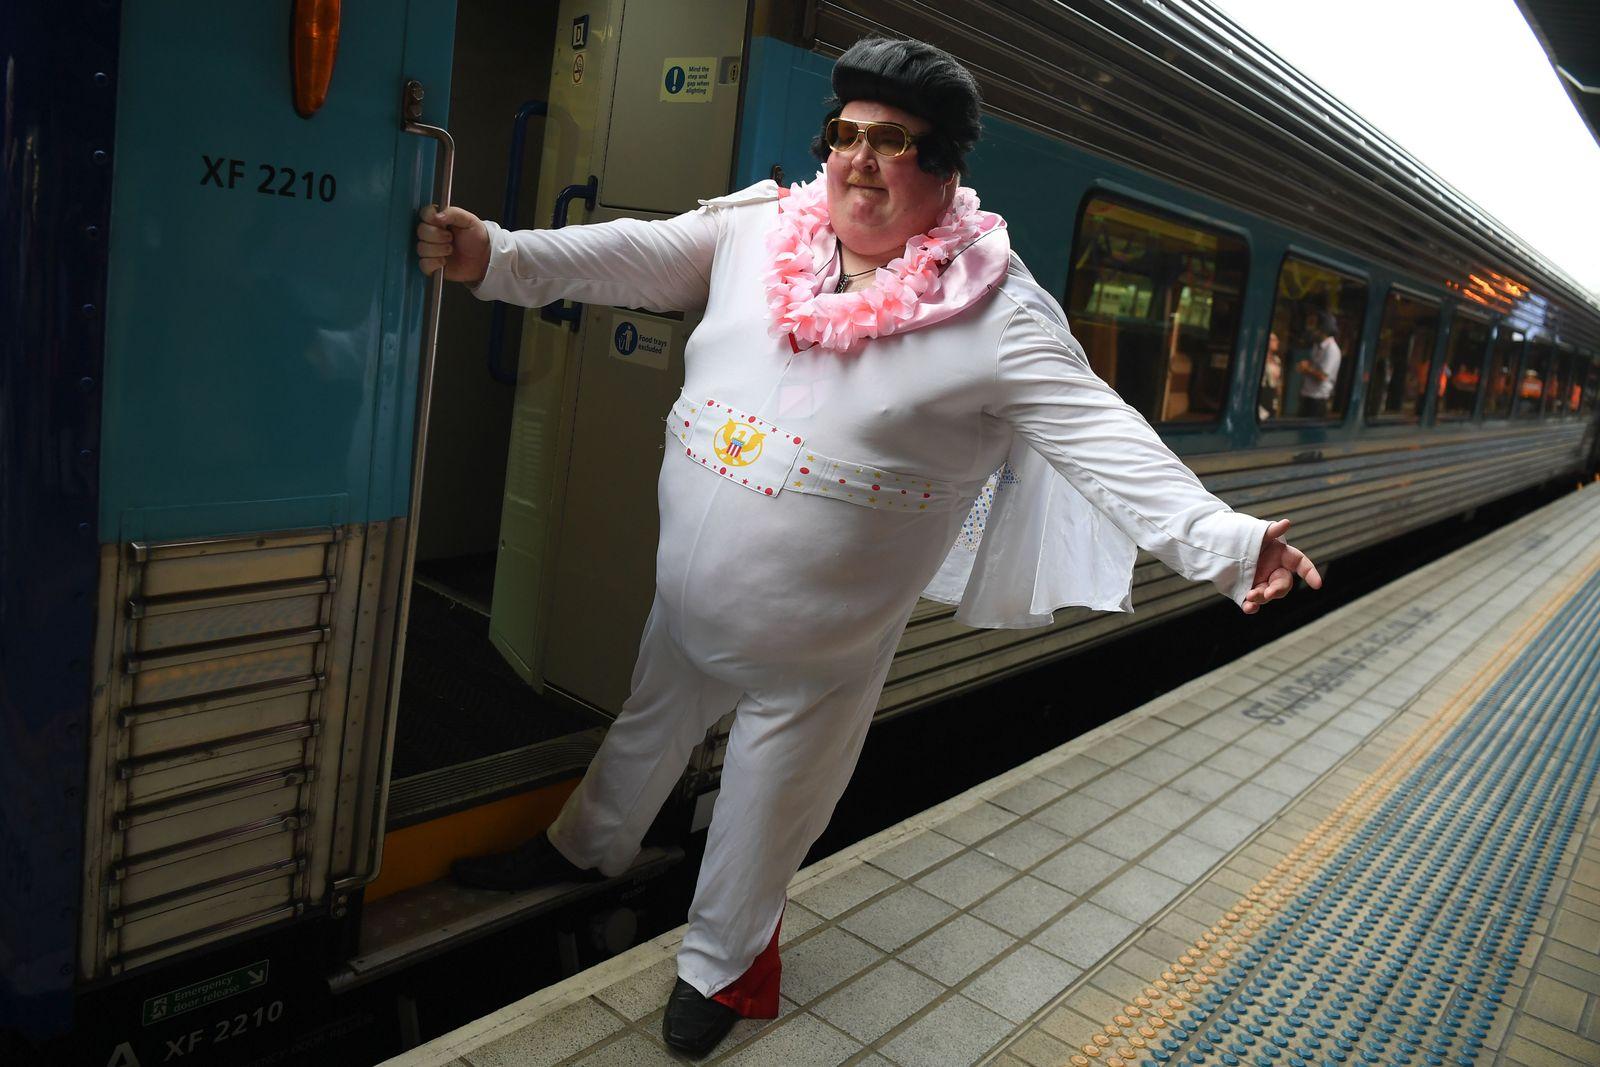 Elvis Express at Central Station in Sydney, Australia - 09 Jan 2020